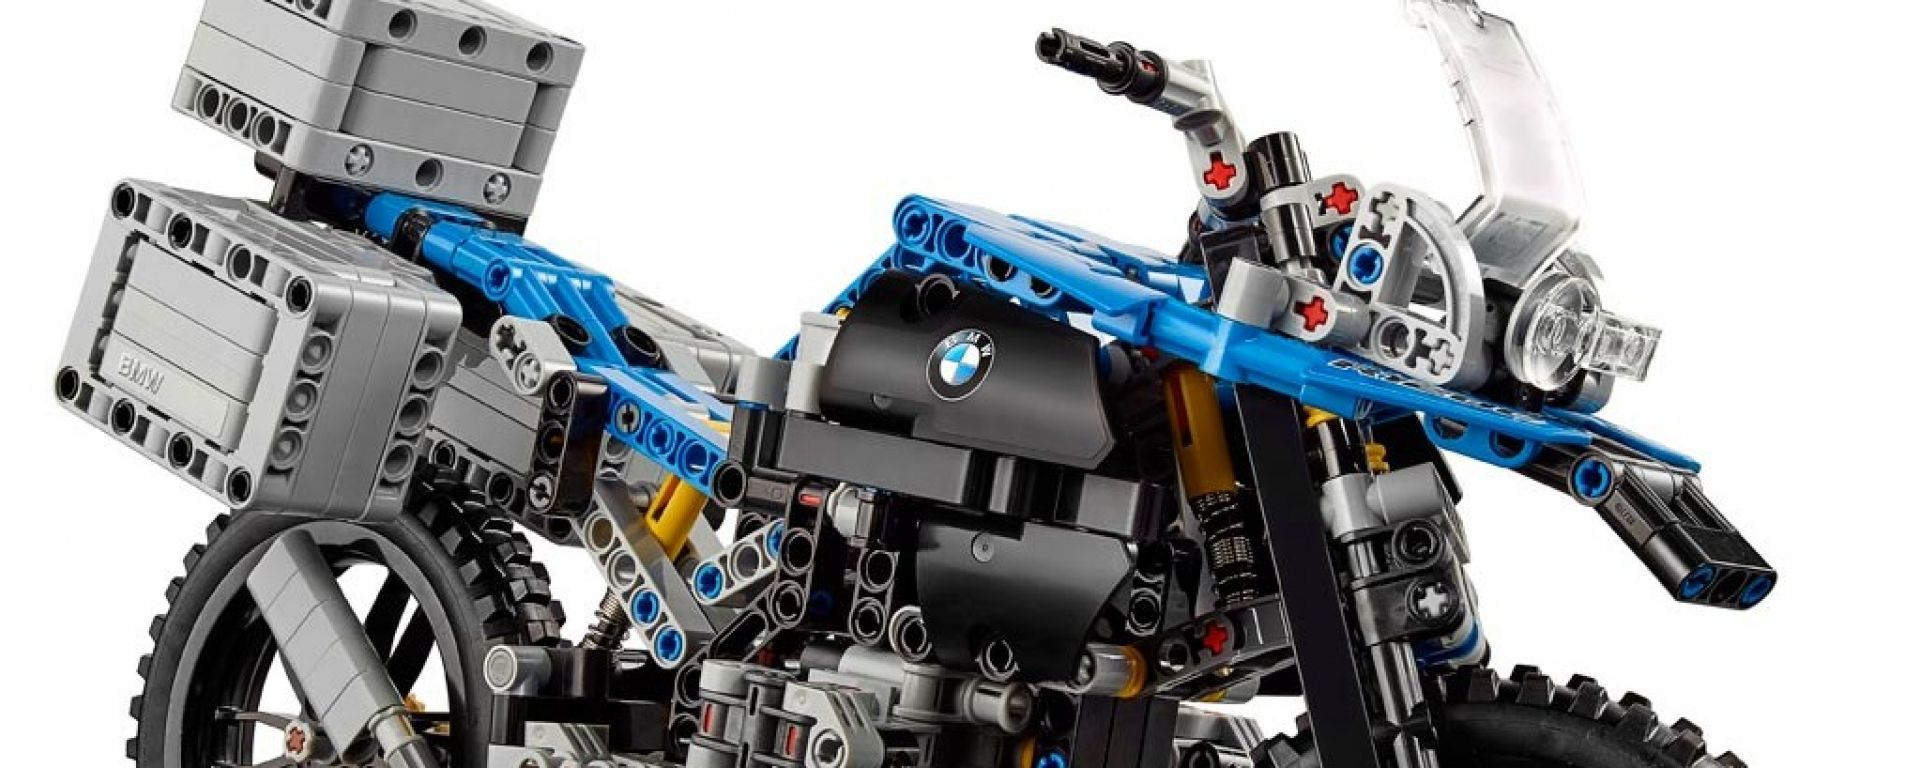 BMW R 1200 GS di Lego: il modellino per i giessisti in erba